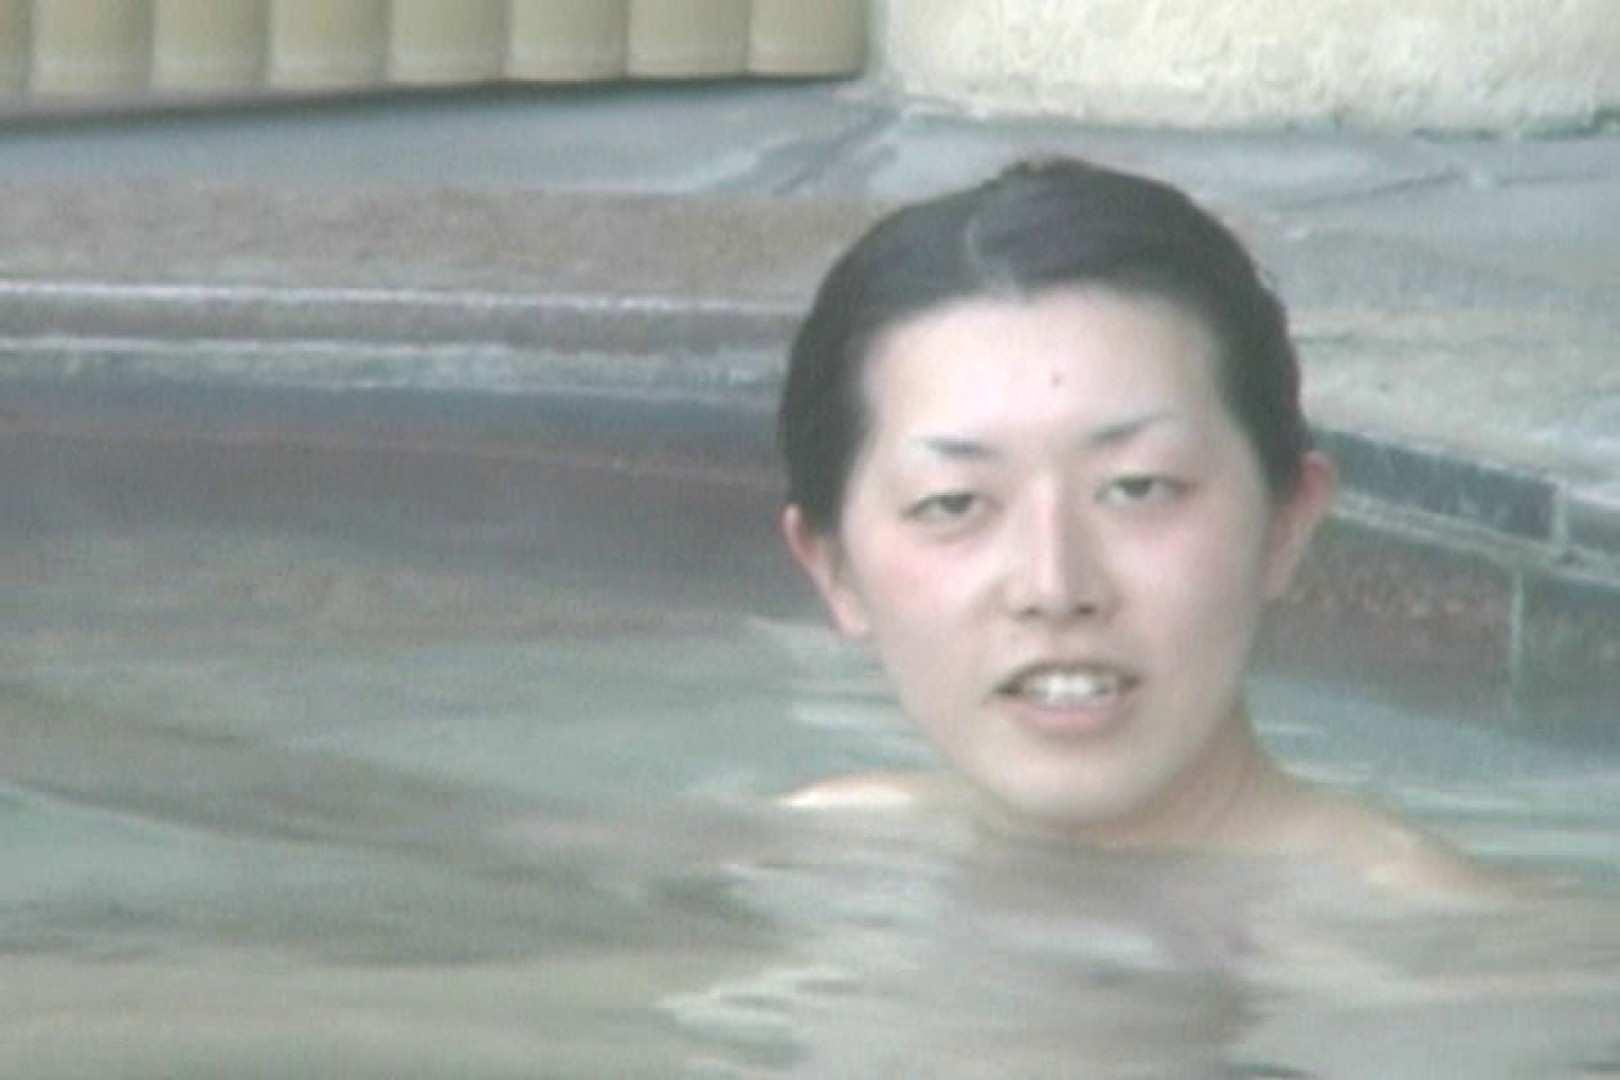 Aquaな露天風呂Vol.589 盗撮シリーズ  113PIX 30